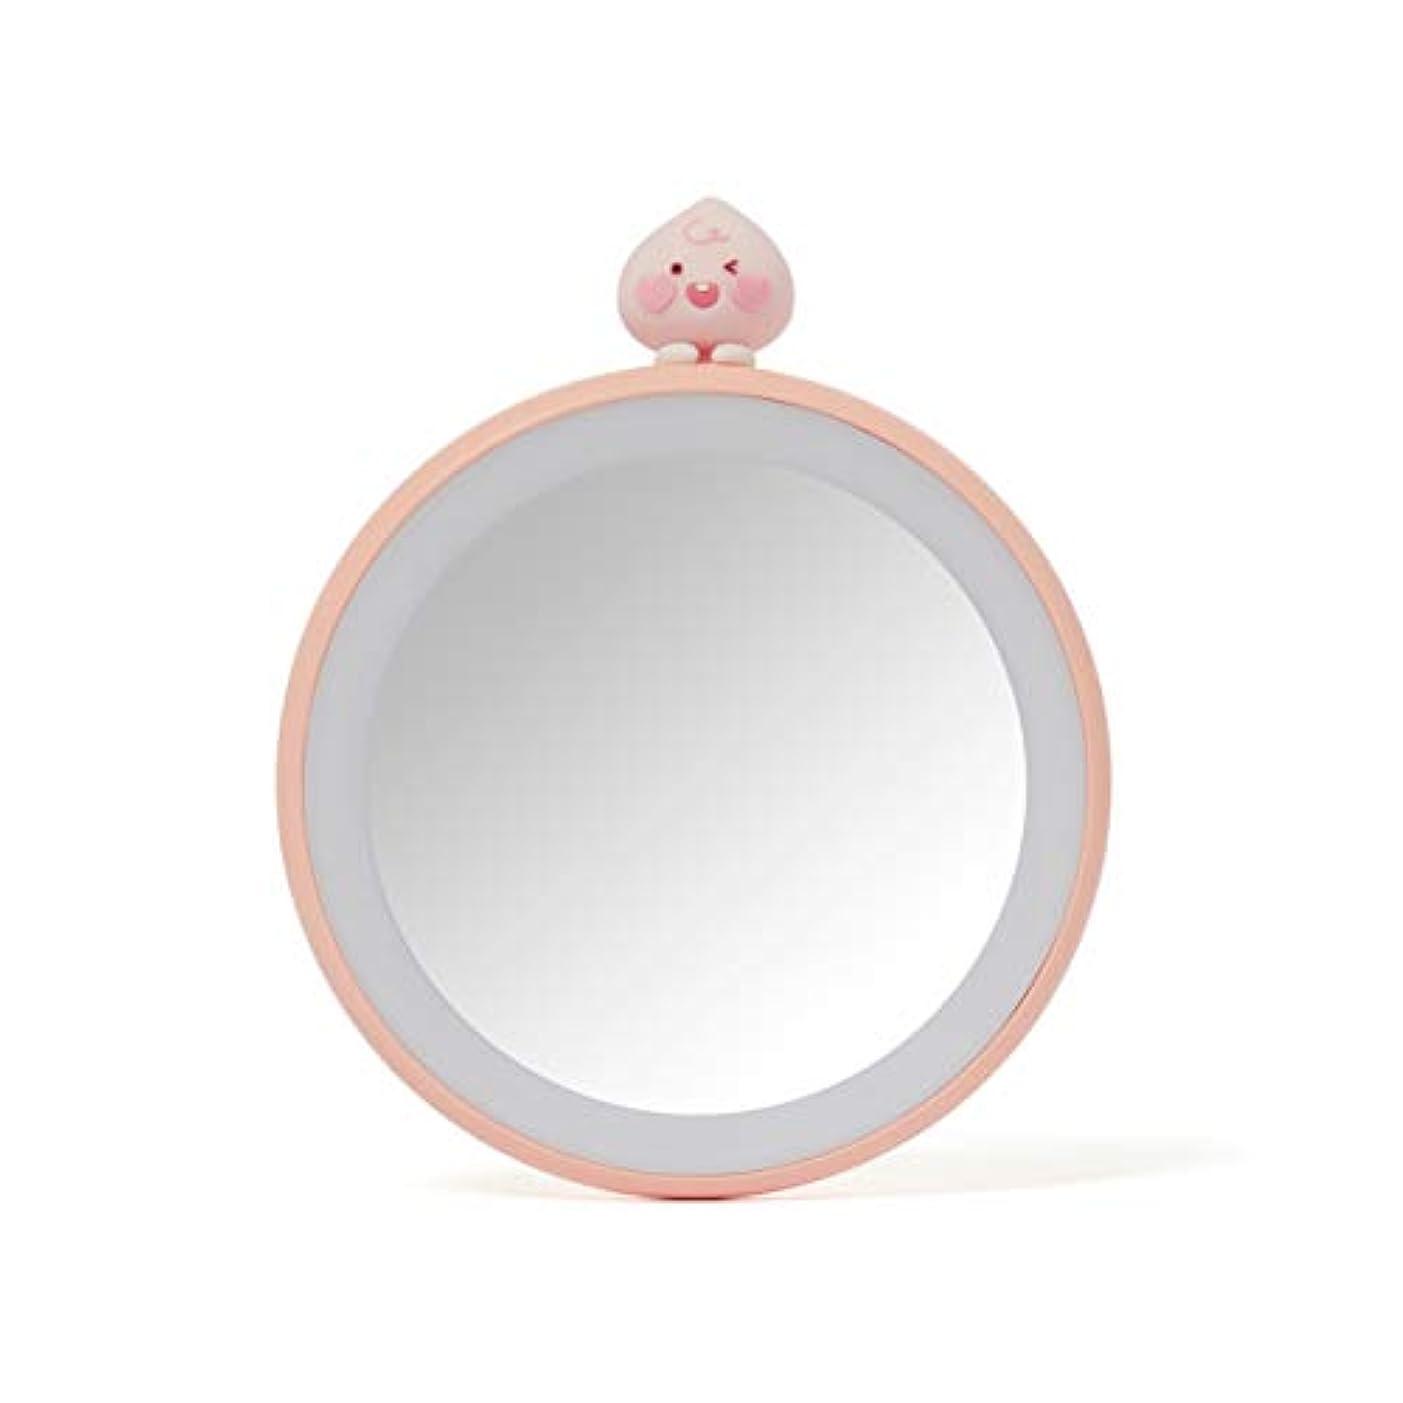 完璧スマイル散文[オフィシャル] カカオフレンズ - TWICE EDITION LEDライト付きハンドミラー KAKAO FRIENDS - TWICE EDITION Lighted Mirror (Apeach)